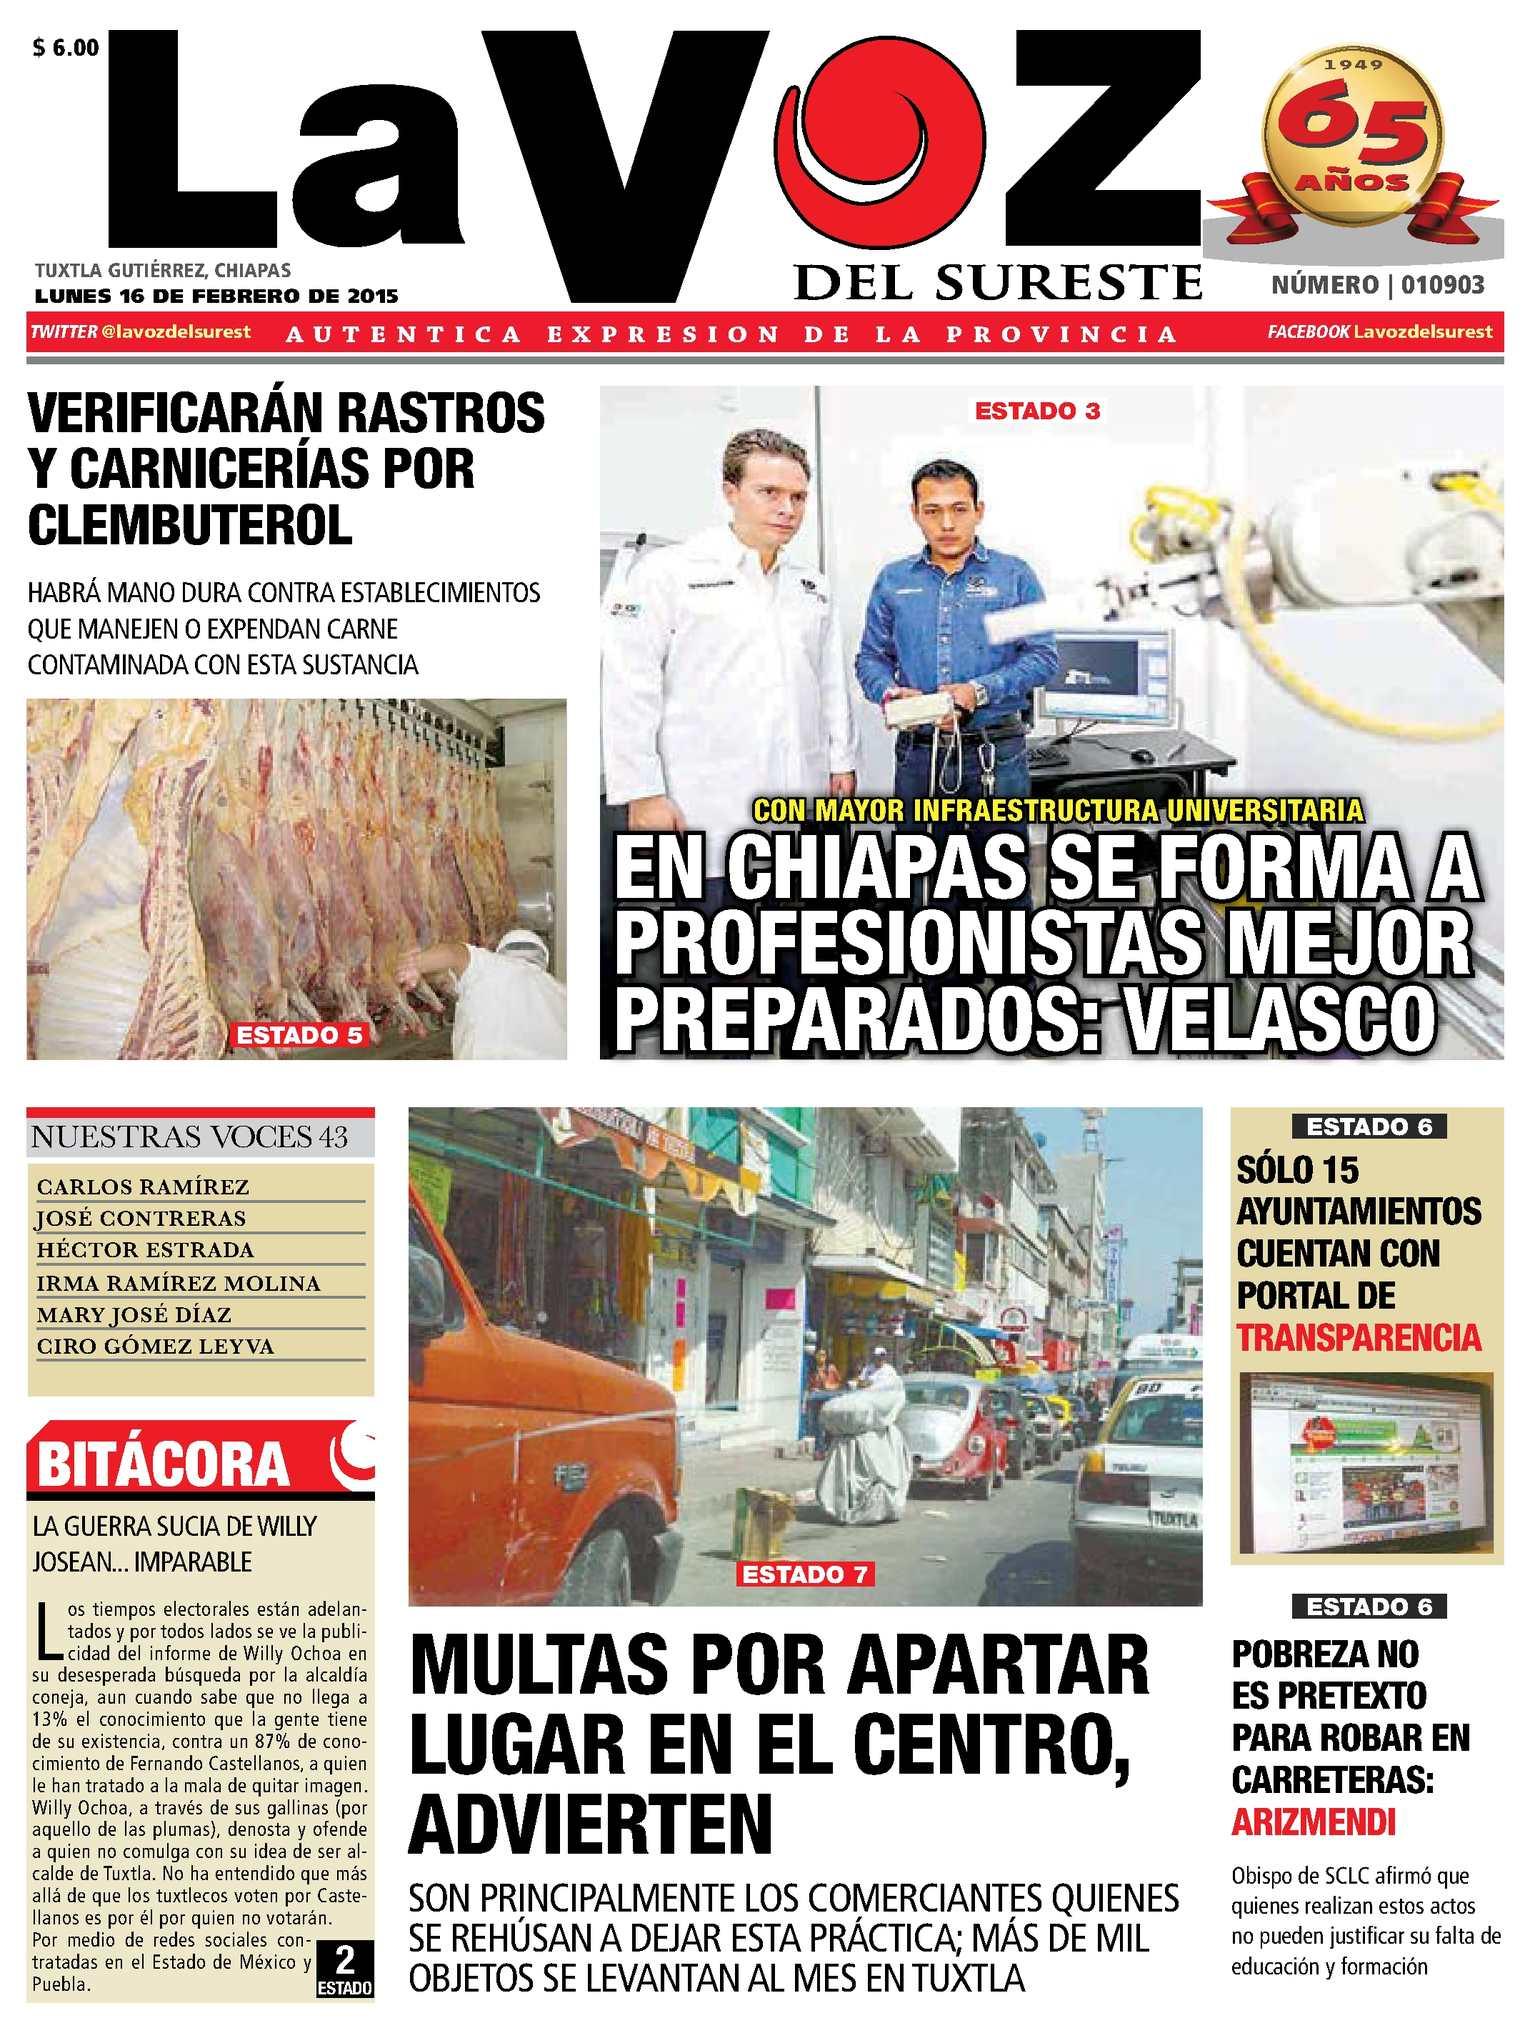 Calaméo - Diario La Voz del Sureste 64a39870015e